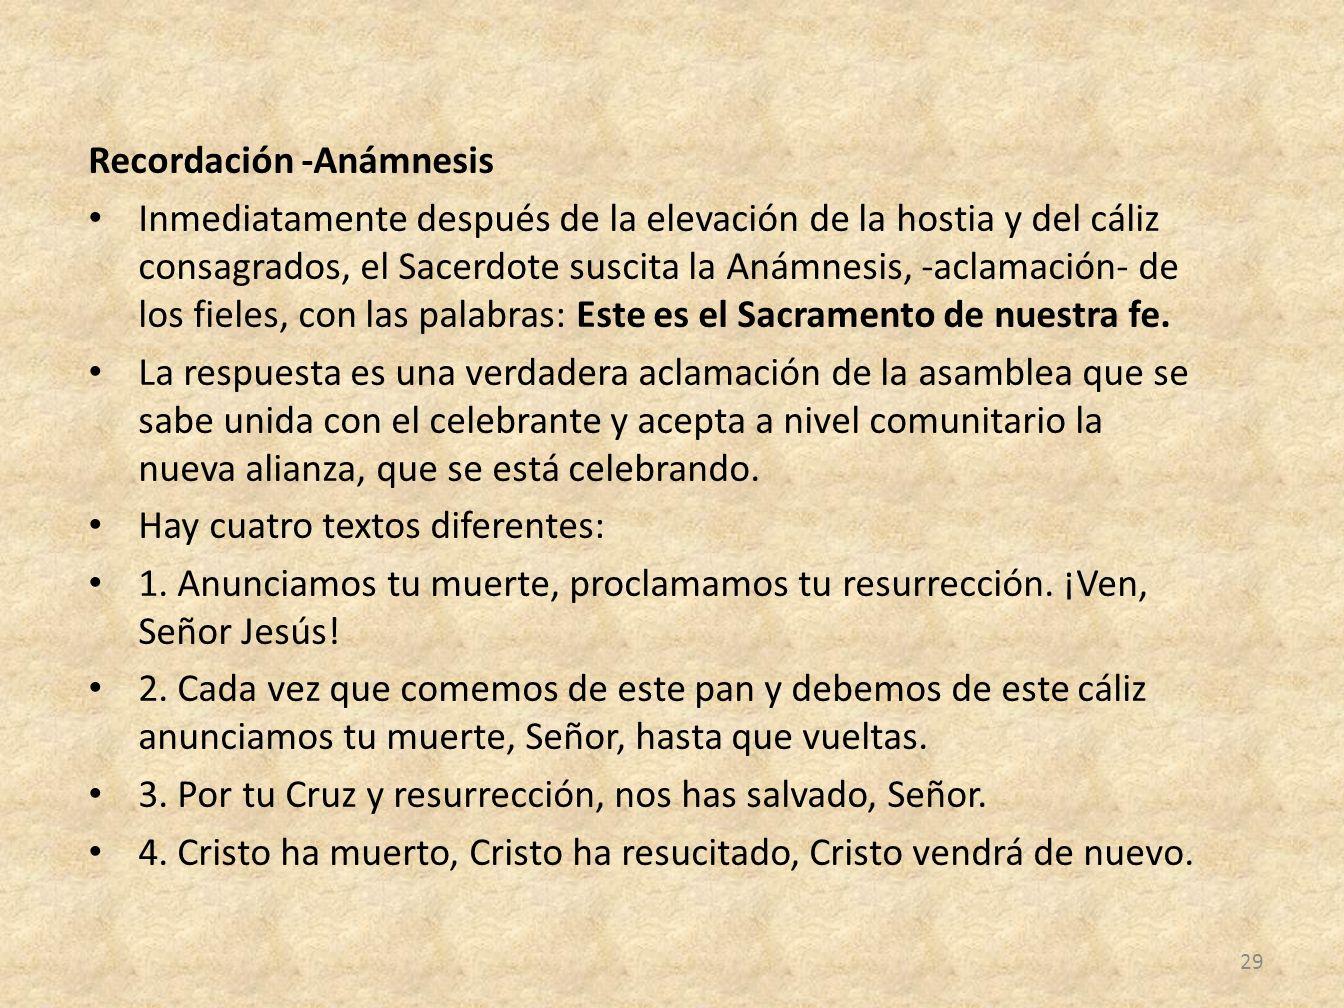 Recordación -Anámnesis Inmediatamente después de la elevación de la hostia y del cáliz consagrados, el Sacerdote suscita la Anámnesis, -aclamación- de